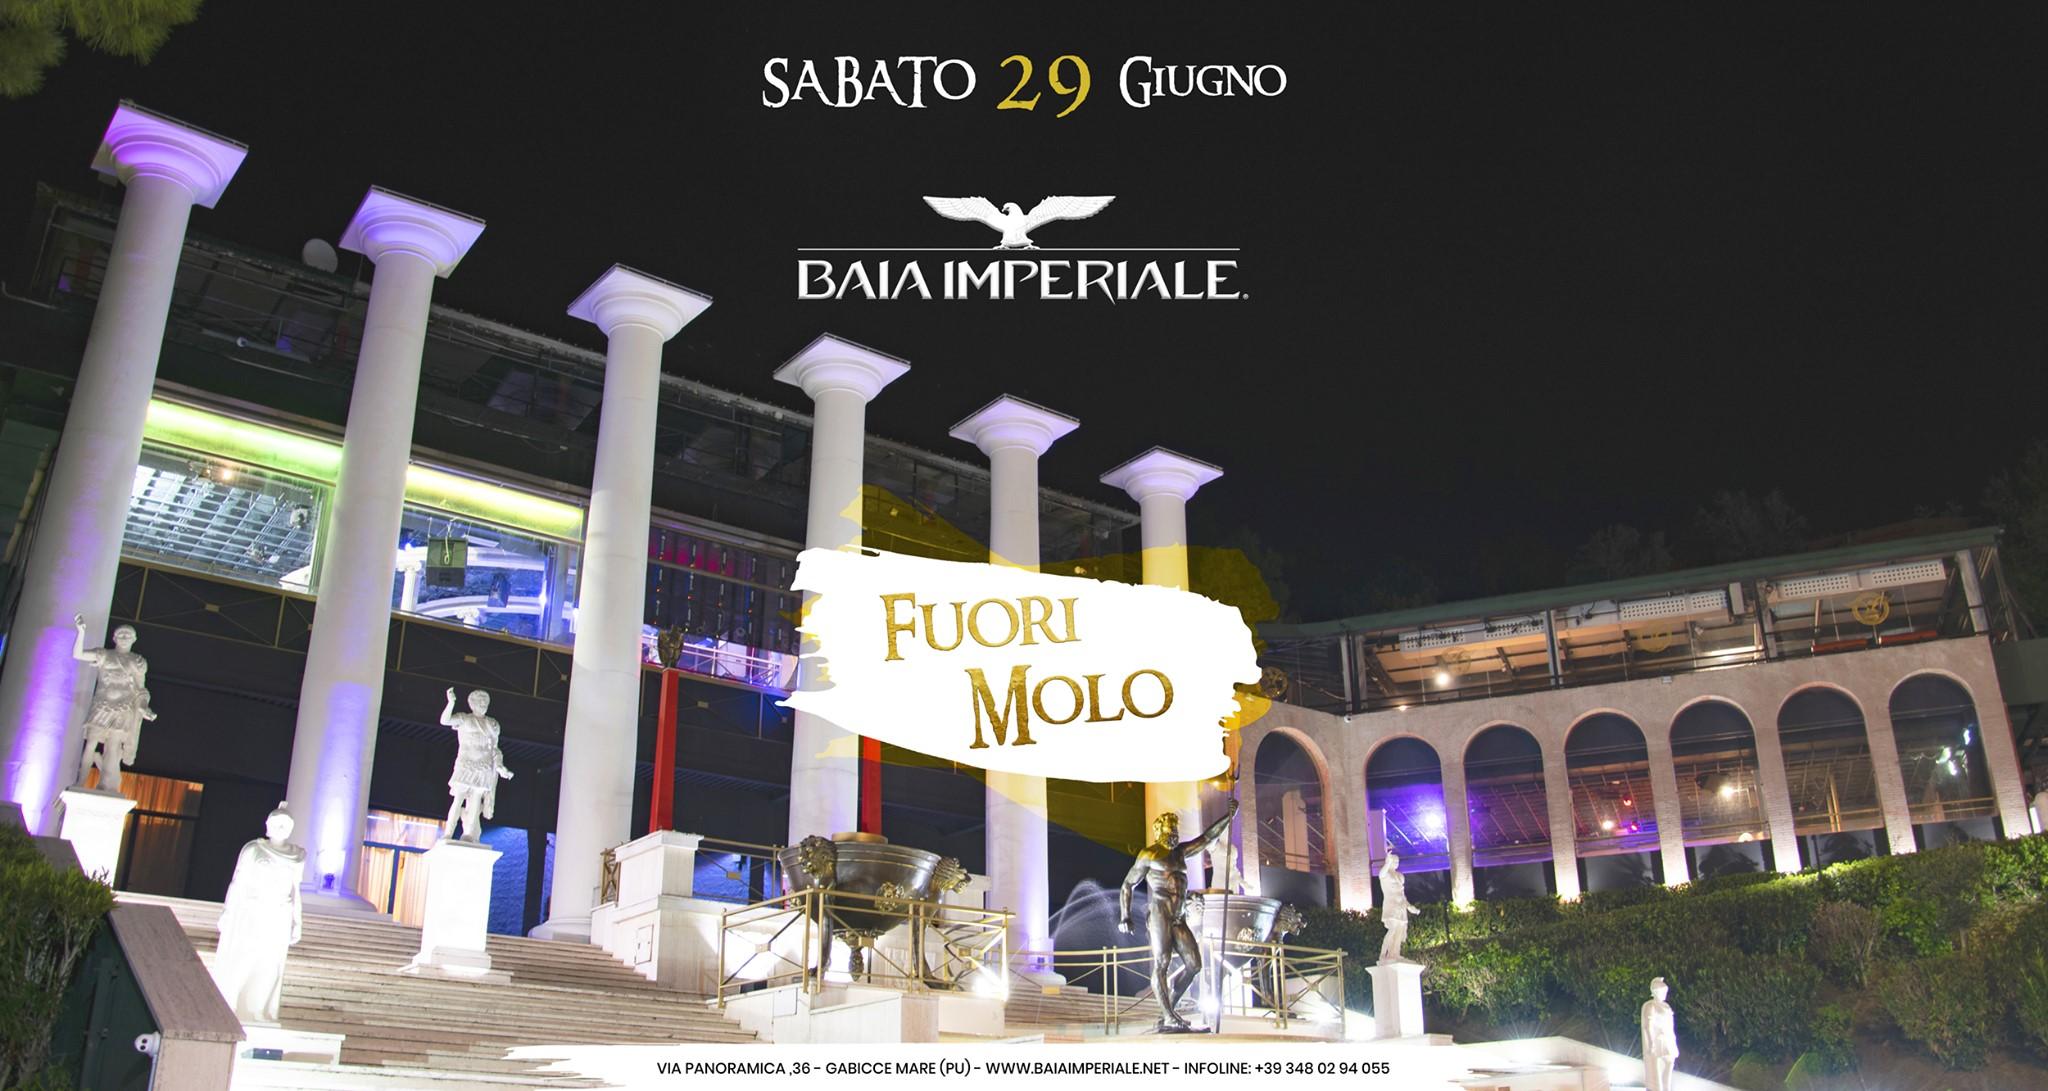 Baia Imperiale – Fuori Molo – Sabato 29 Giugno 2019 –  Ticket-Biglietti 18app – Tavoli – Pacchetti Hotel